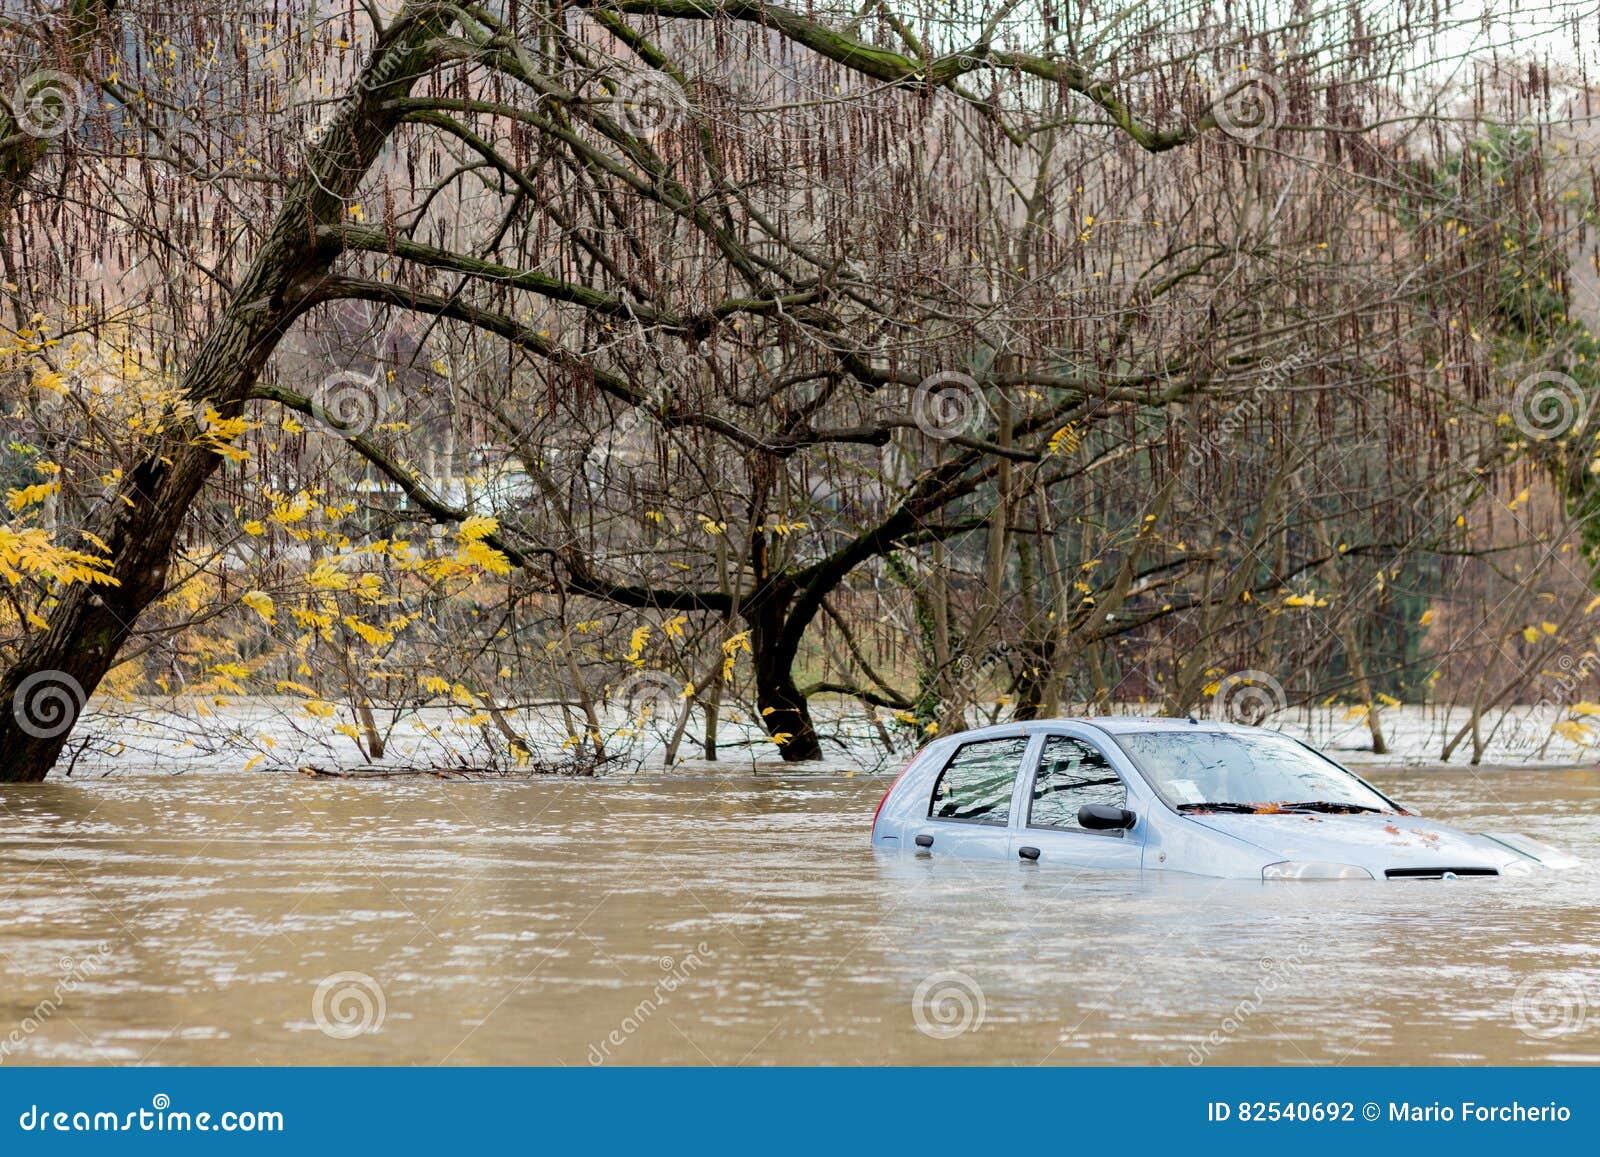 Überschwemmtes Auto bei einem stürmischen Wetter